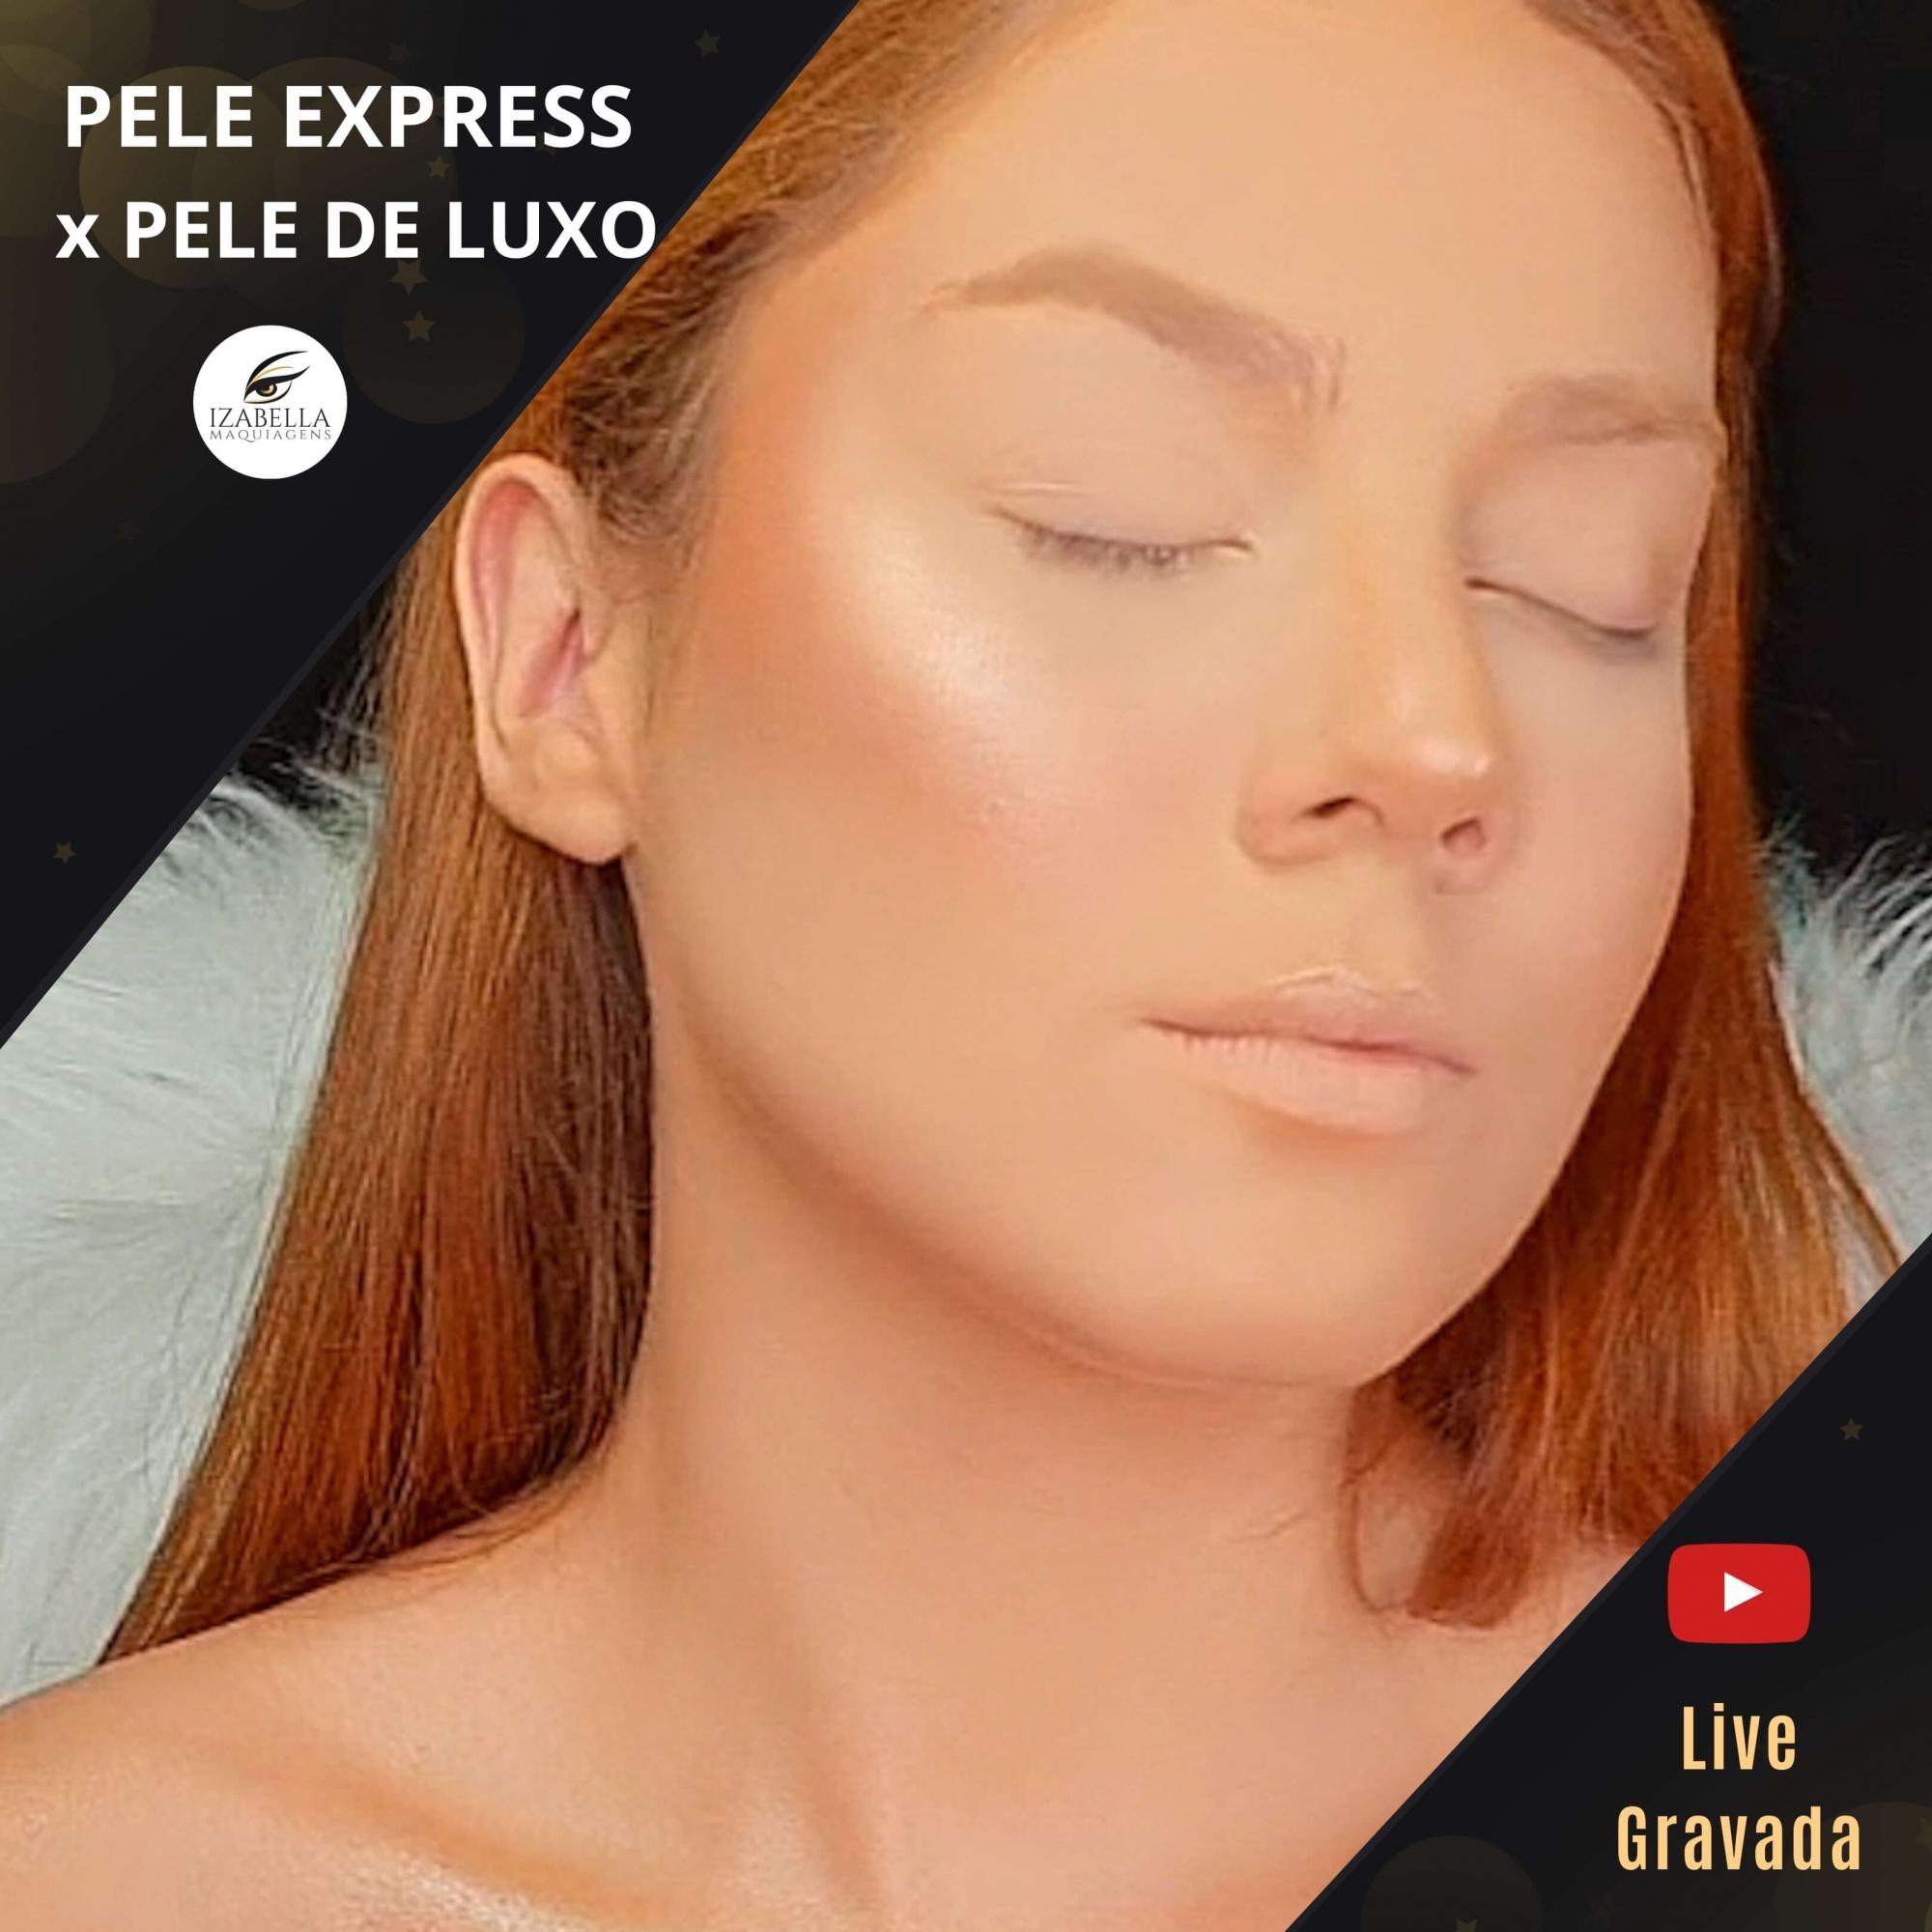 Curso Online Izabella Maquiagens - pele express baratinha x pele luxo  (Live Gravada)